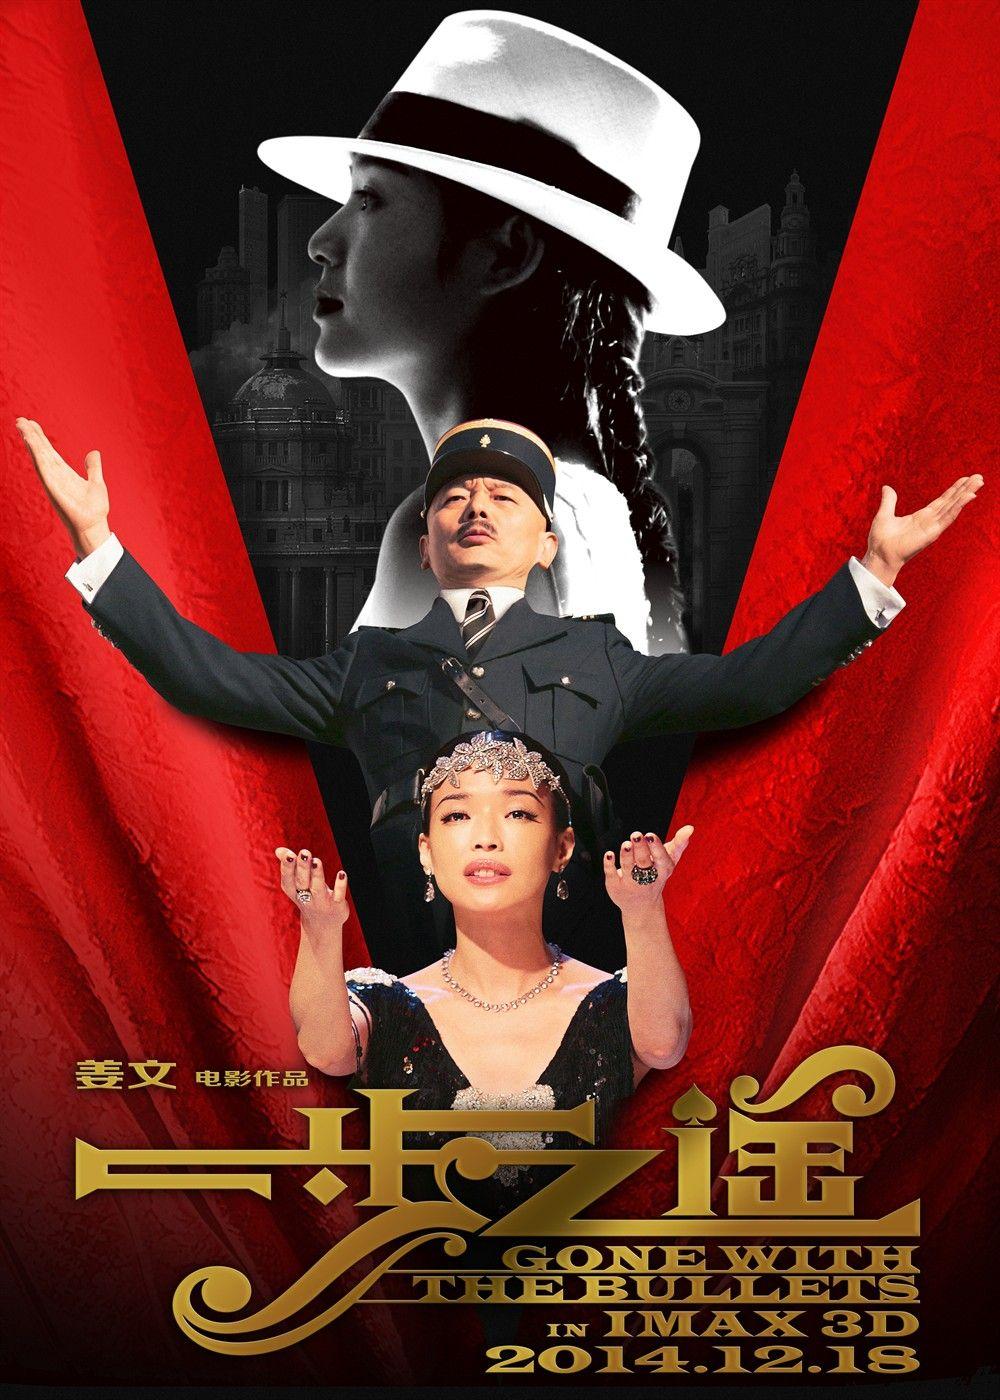 《一步之遥》2014.12.18上映